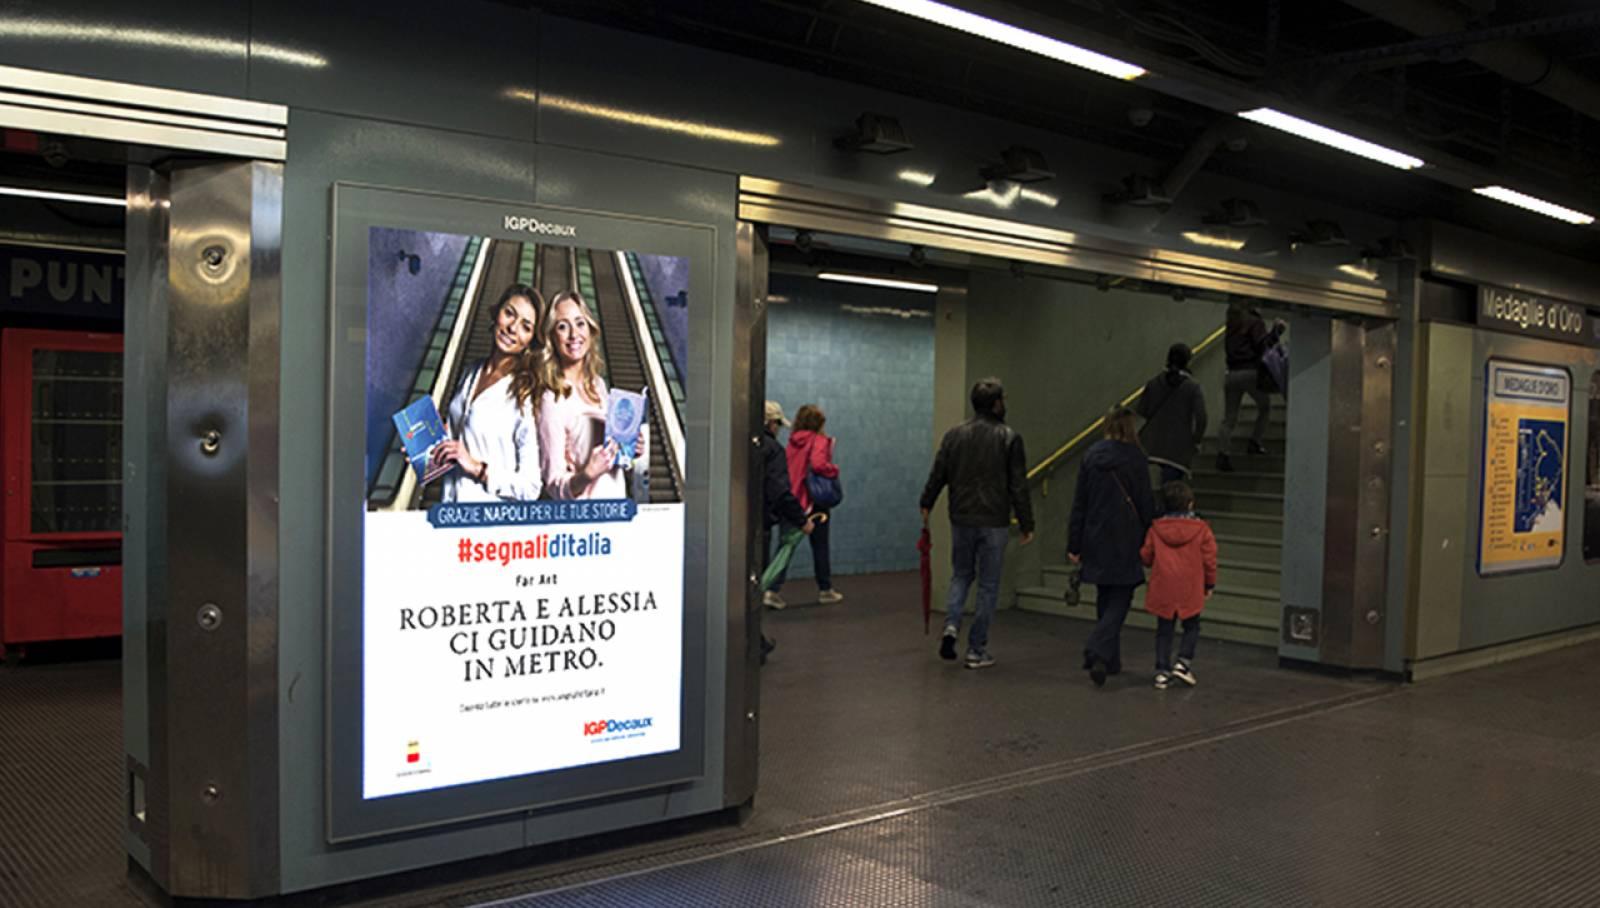 Pubblicità metro Napoli IGPDecaux Circuito a copertura portrait per Segnali d'Italia